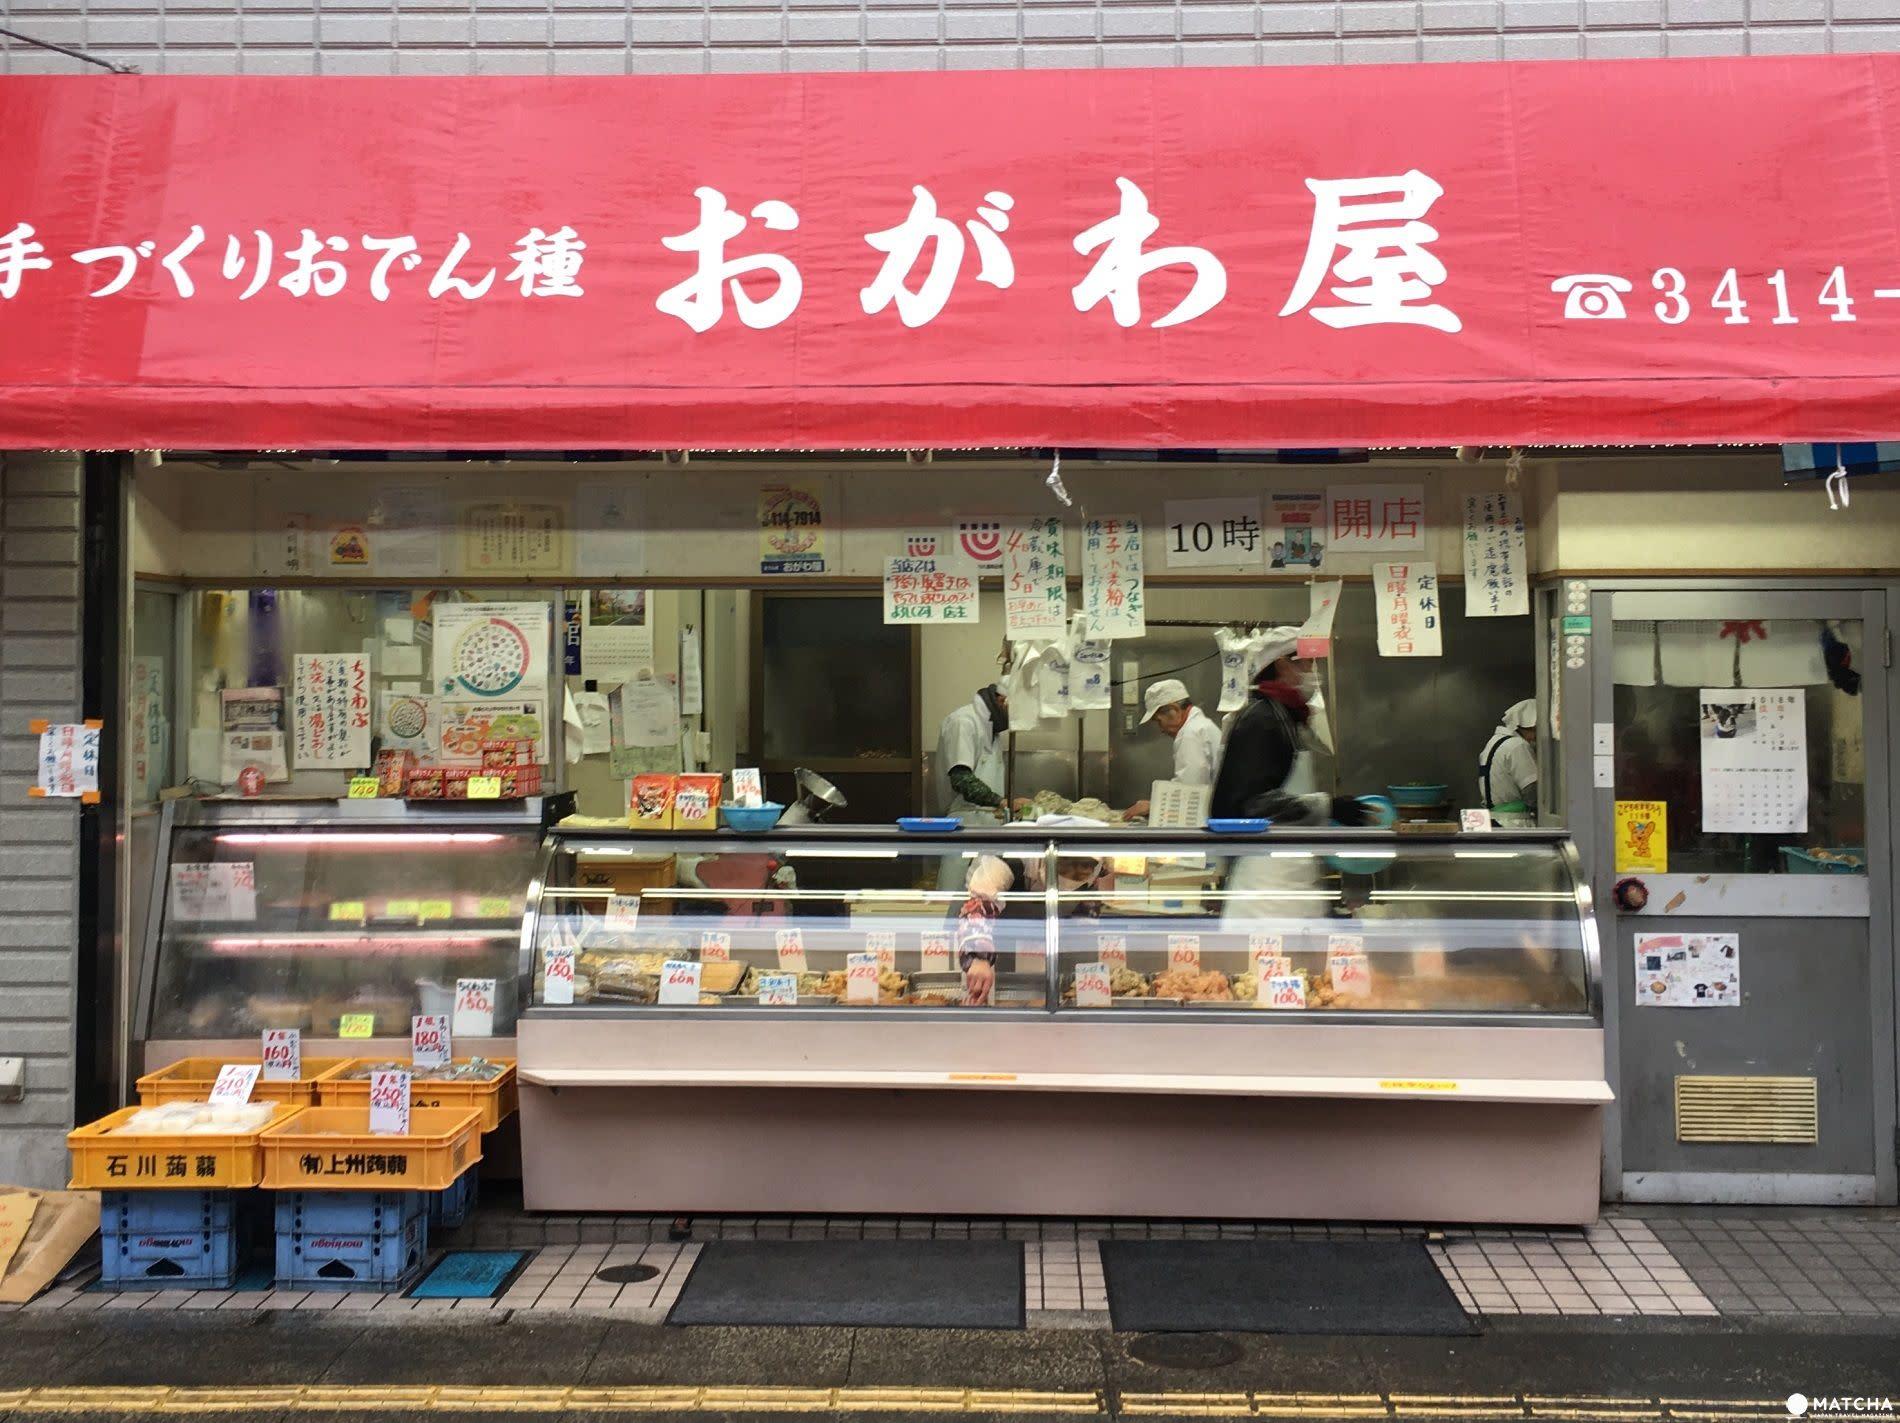 2000円以内で楽しめるレトロな街歩き。『松陰神社通商店街』で食べ歩きを楽しむ!